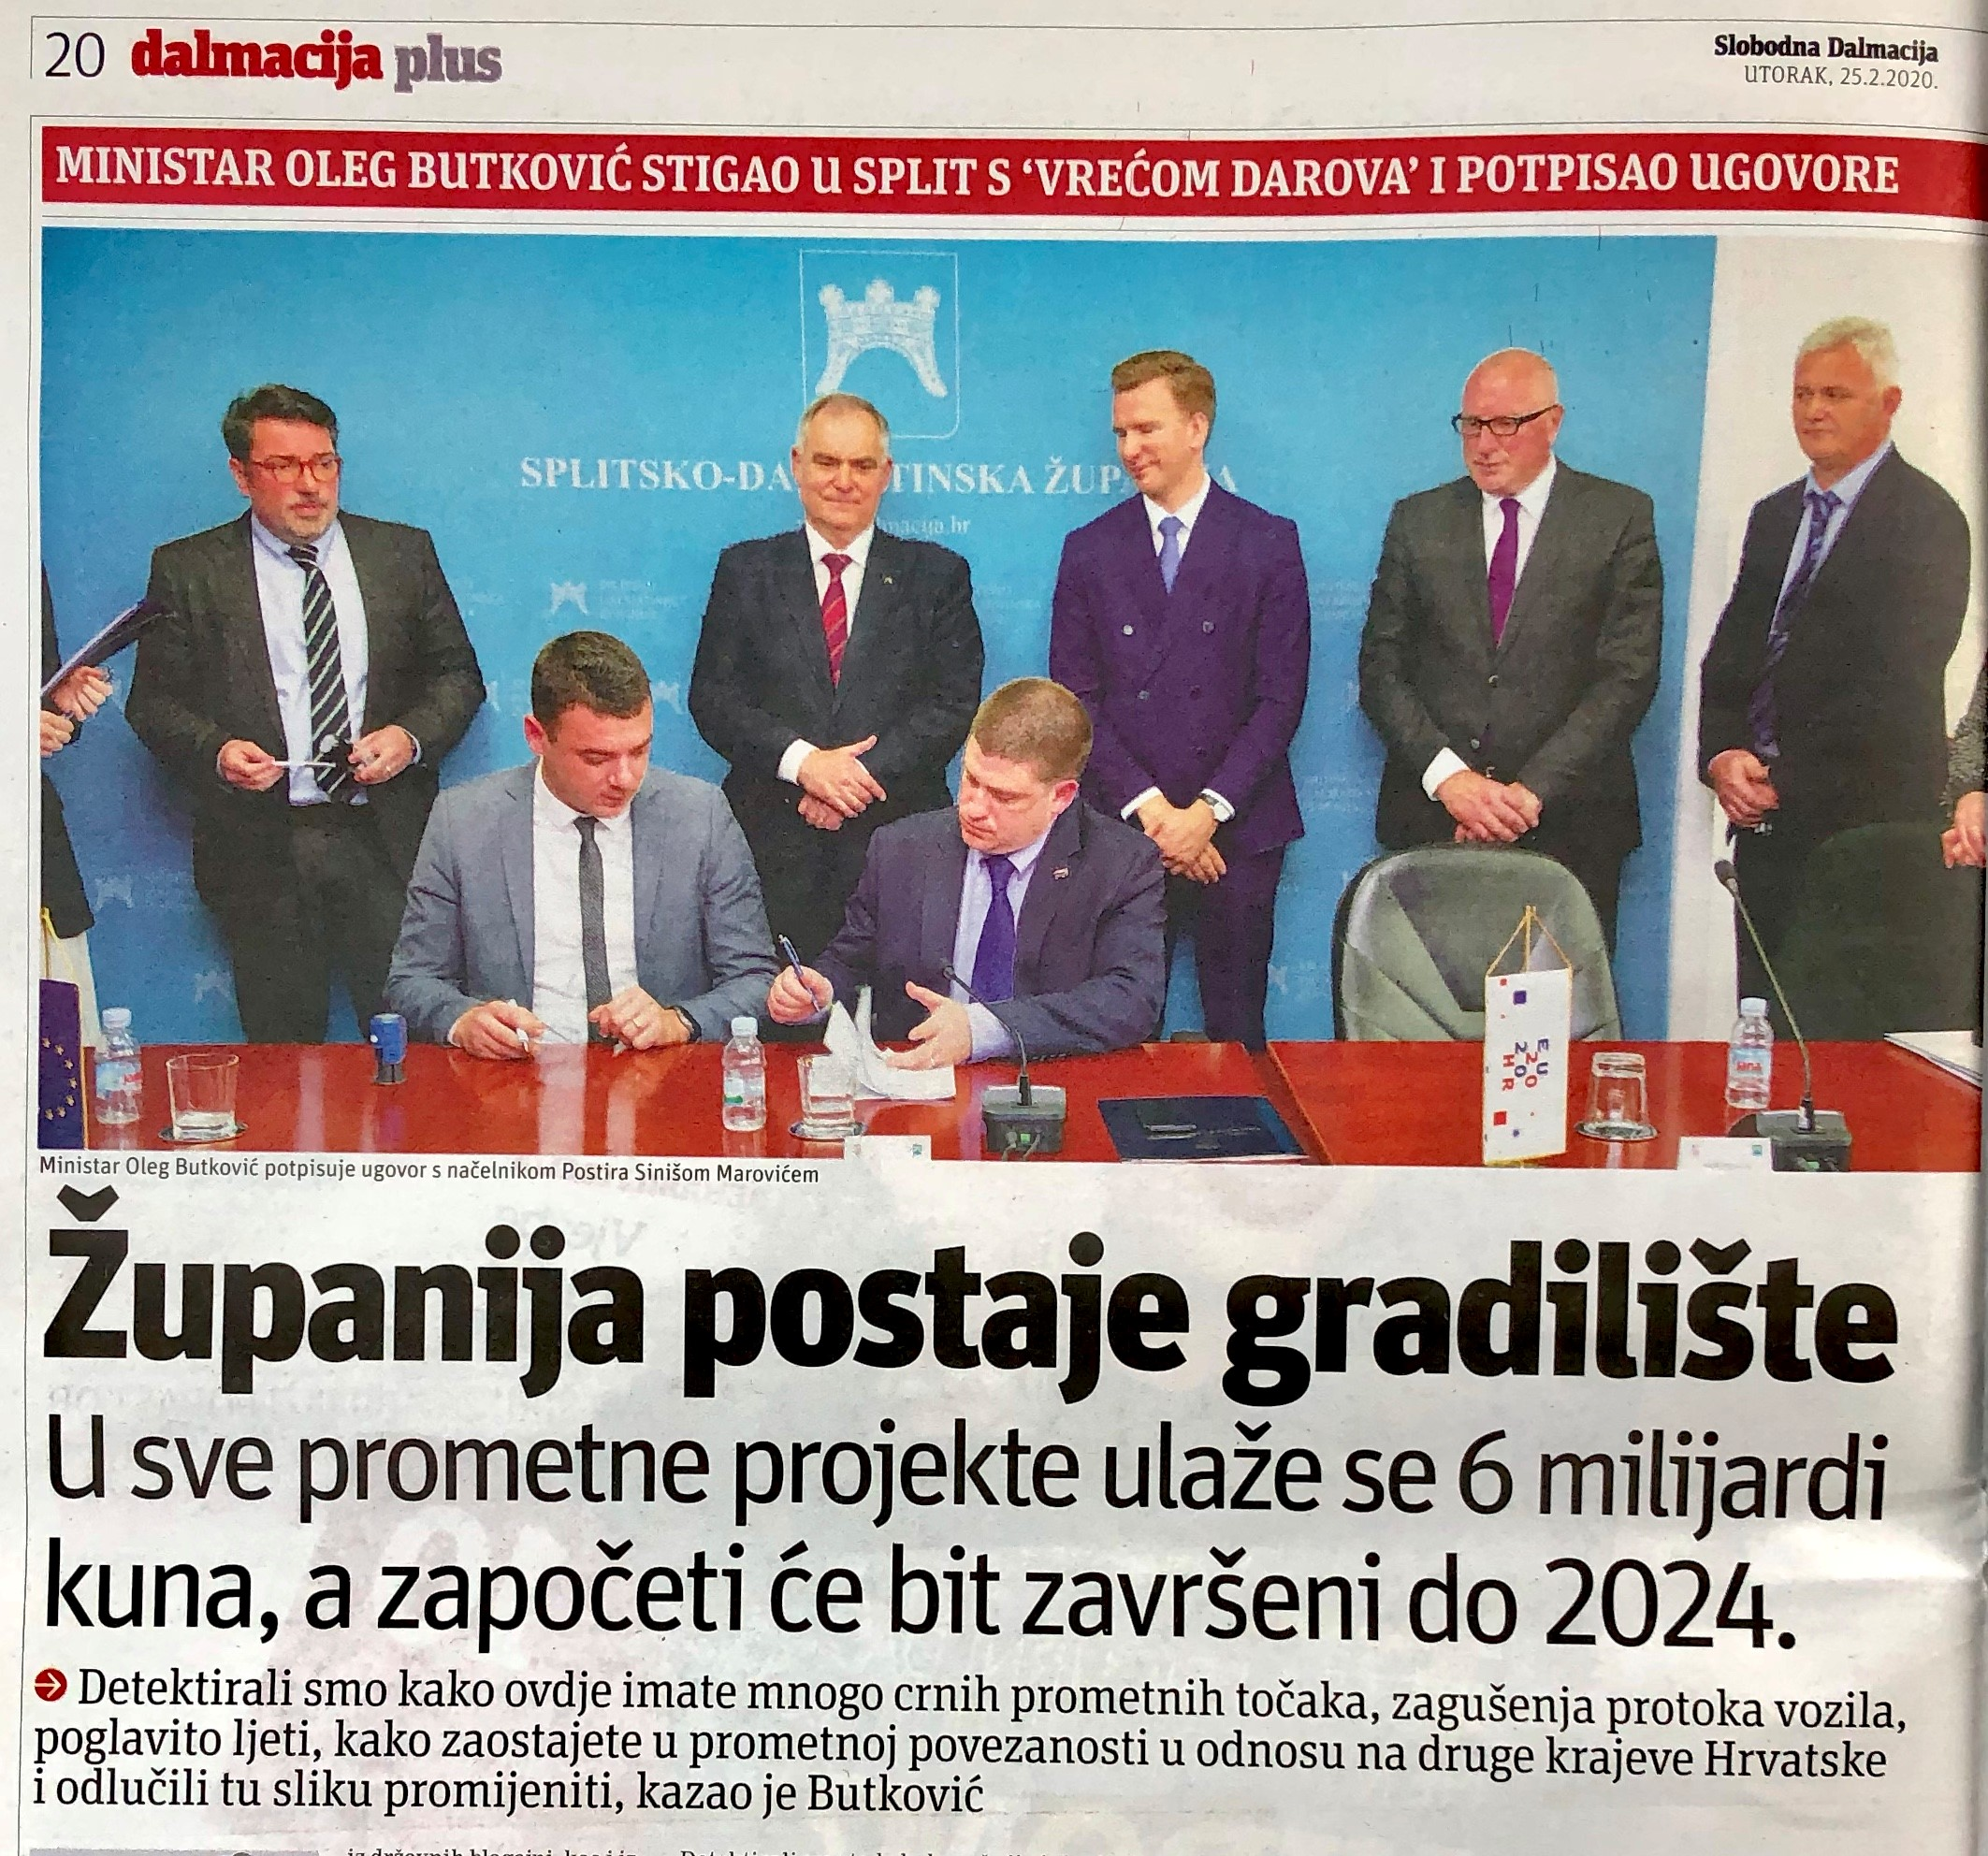 PLAN JADNE NABAVE HRVATSKIH CESTA ZA 2020.